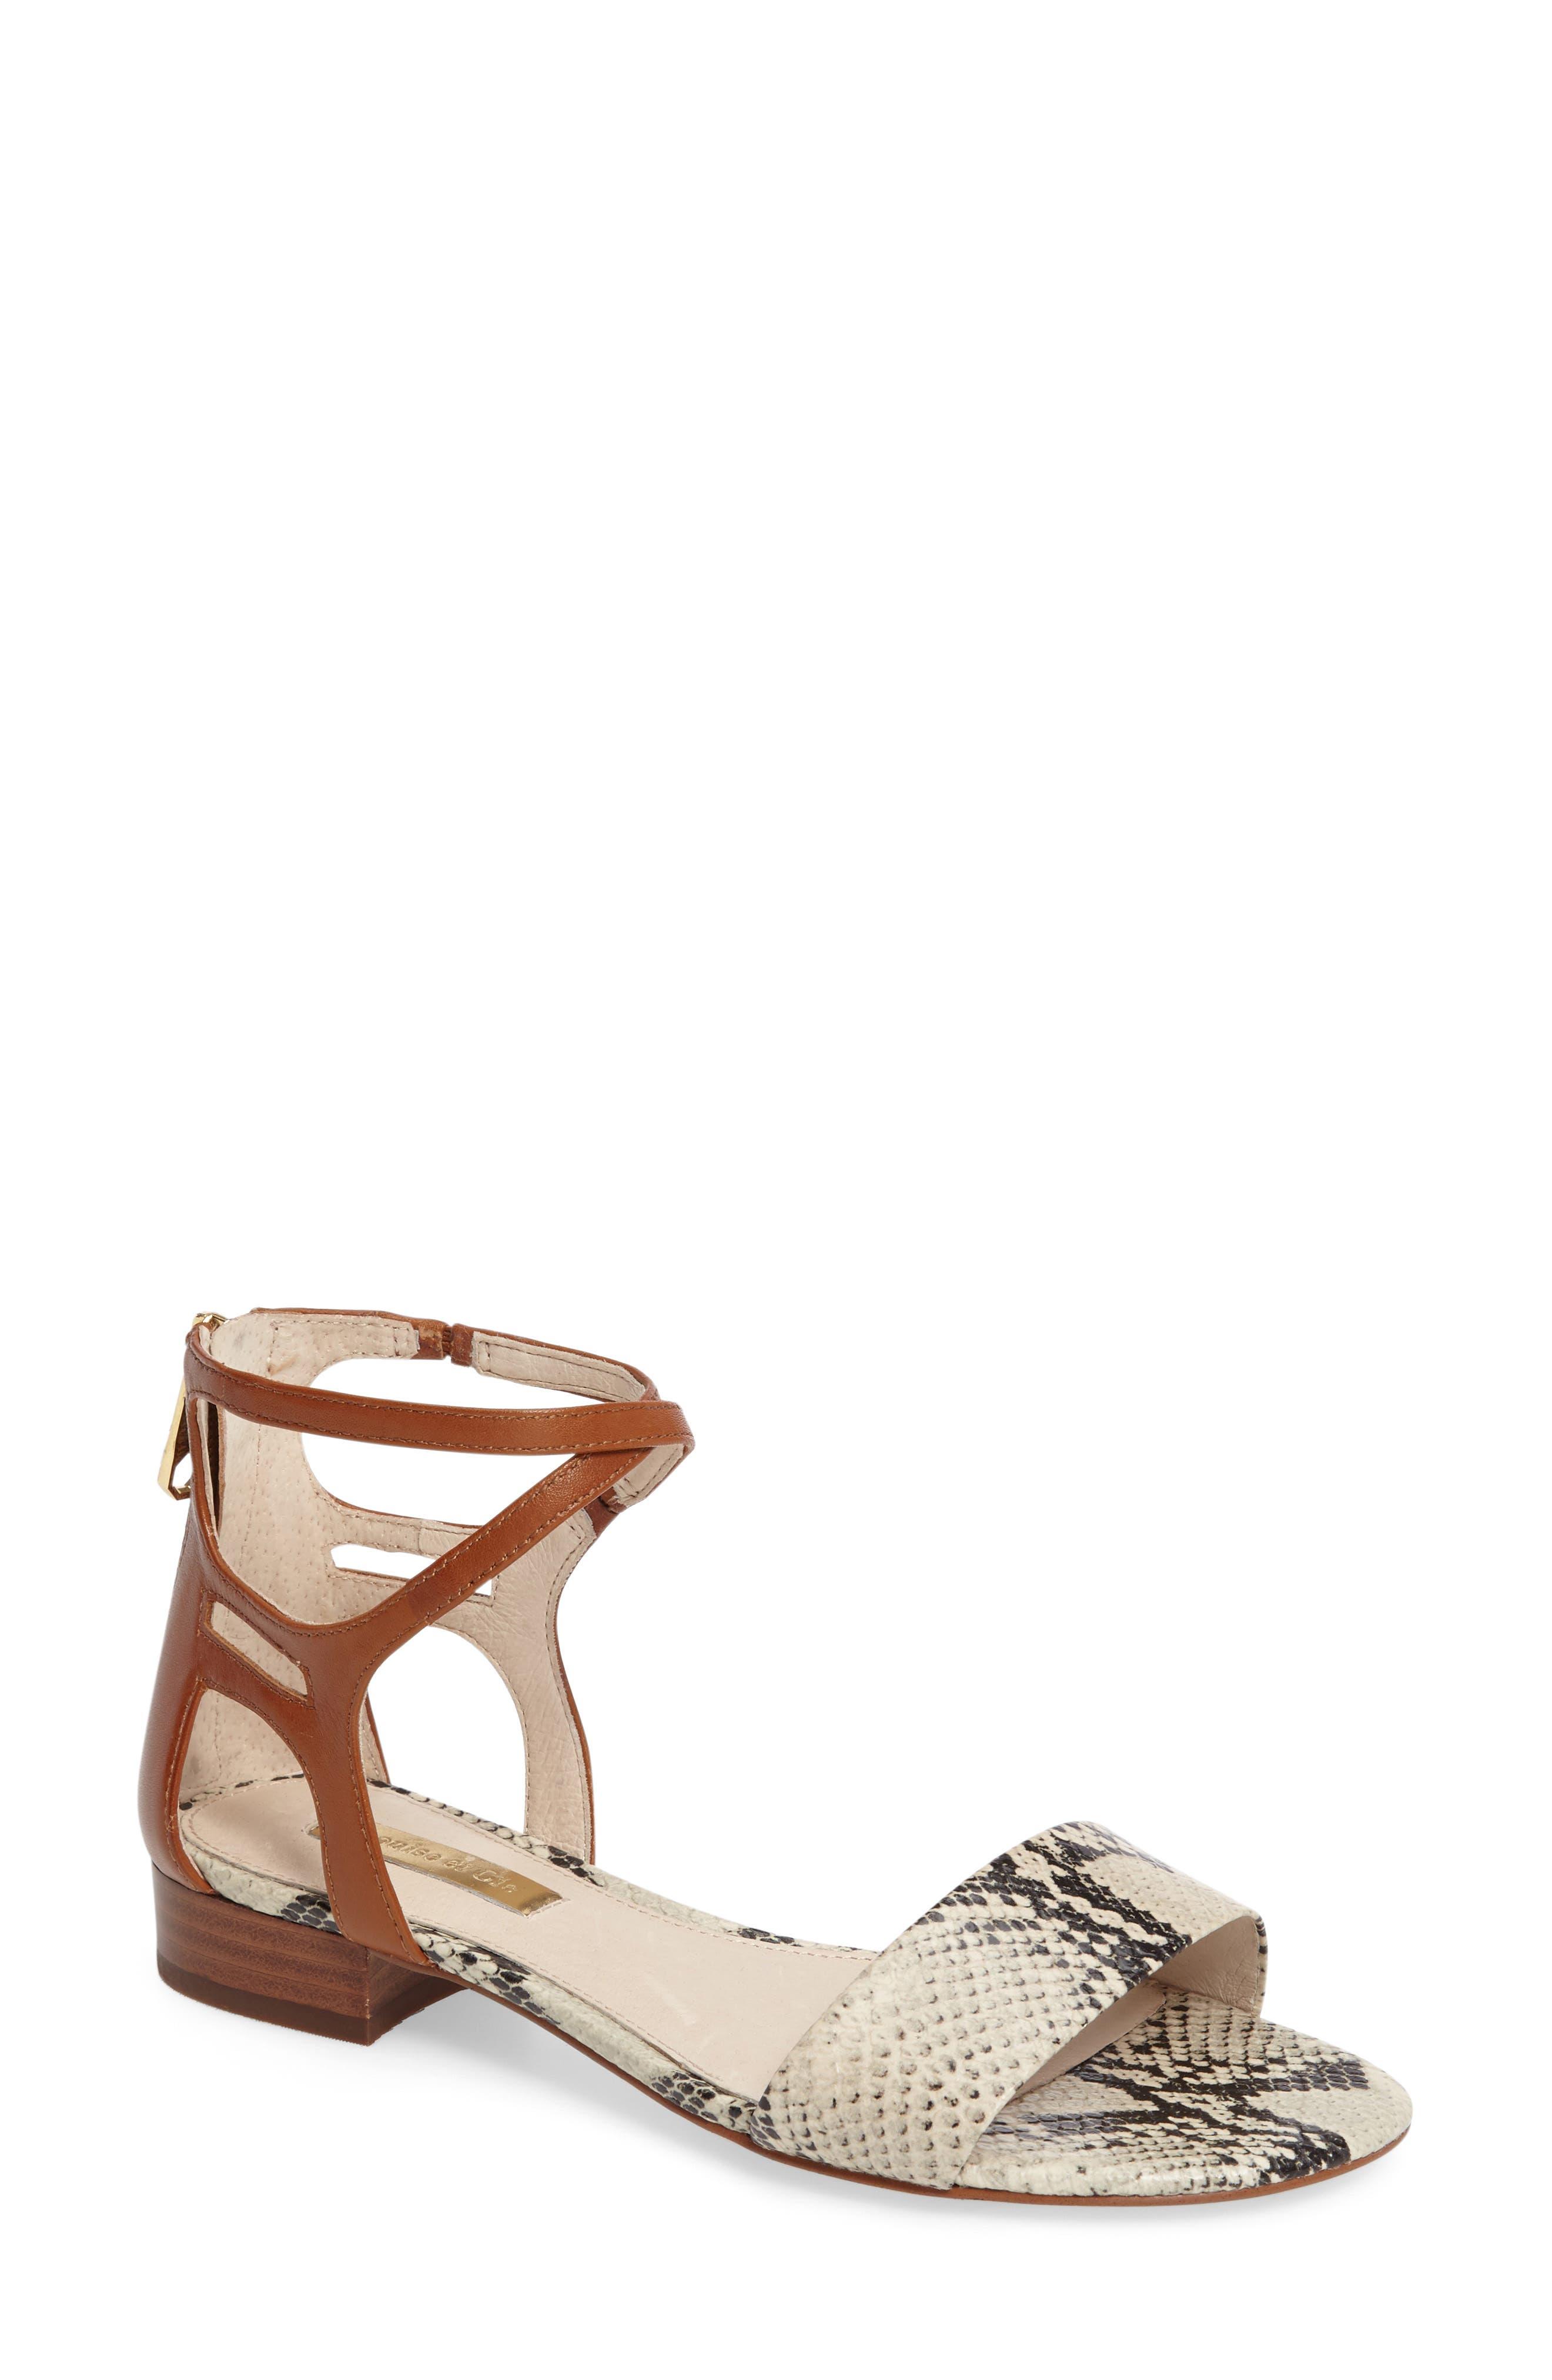 Main Image - Louise et Cie Adley Ankle Strap Sandal (Women)